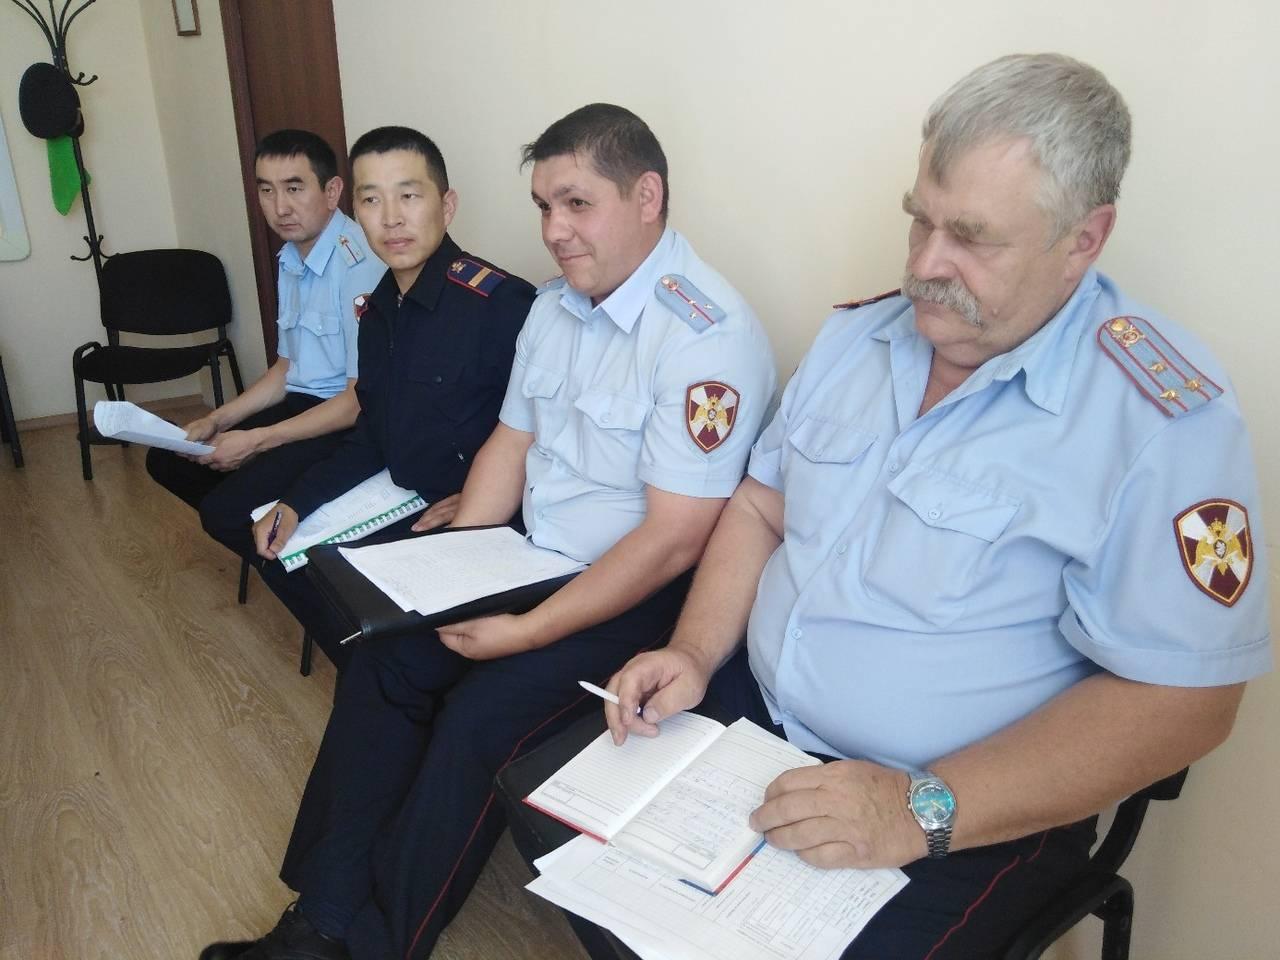 ФГКУ «ОВО ВНГ России по Республике Тыва» подвели итоги деятельности за первое полугодие 2019 года